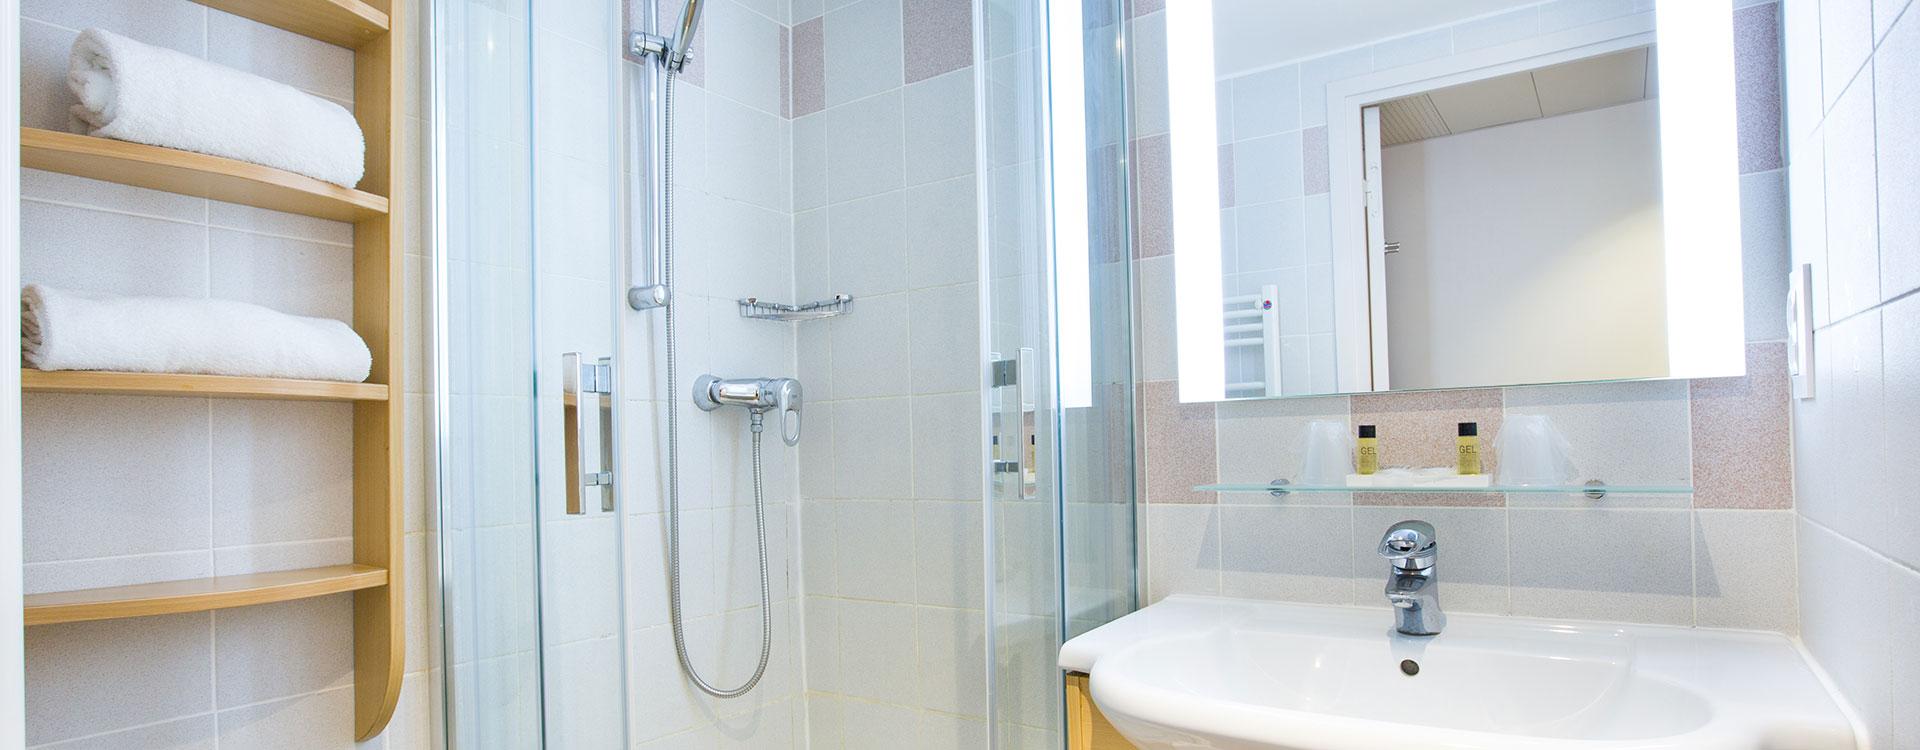 Salle de bain chambre Delcloy